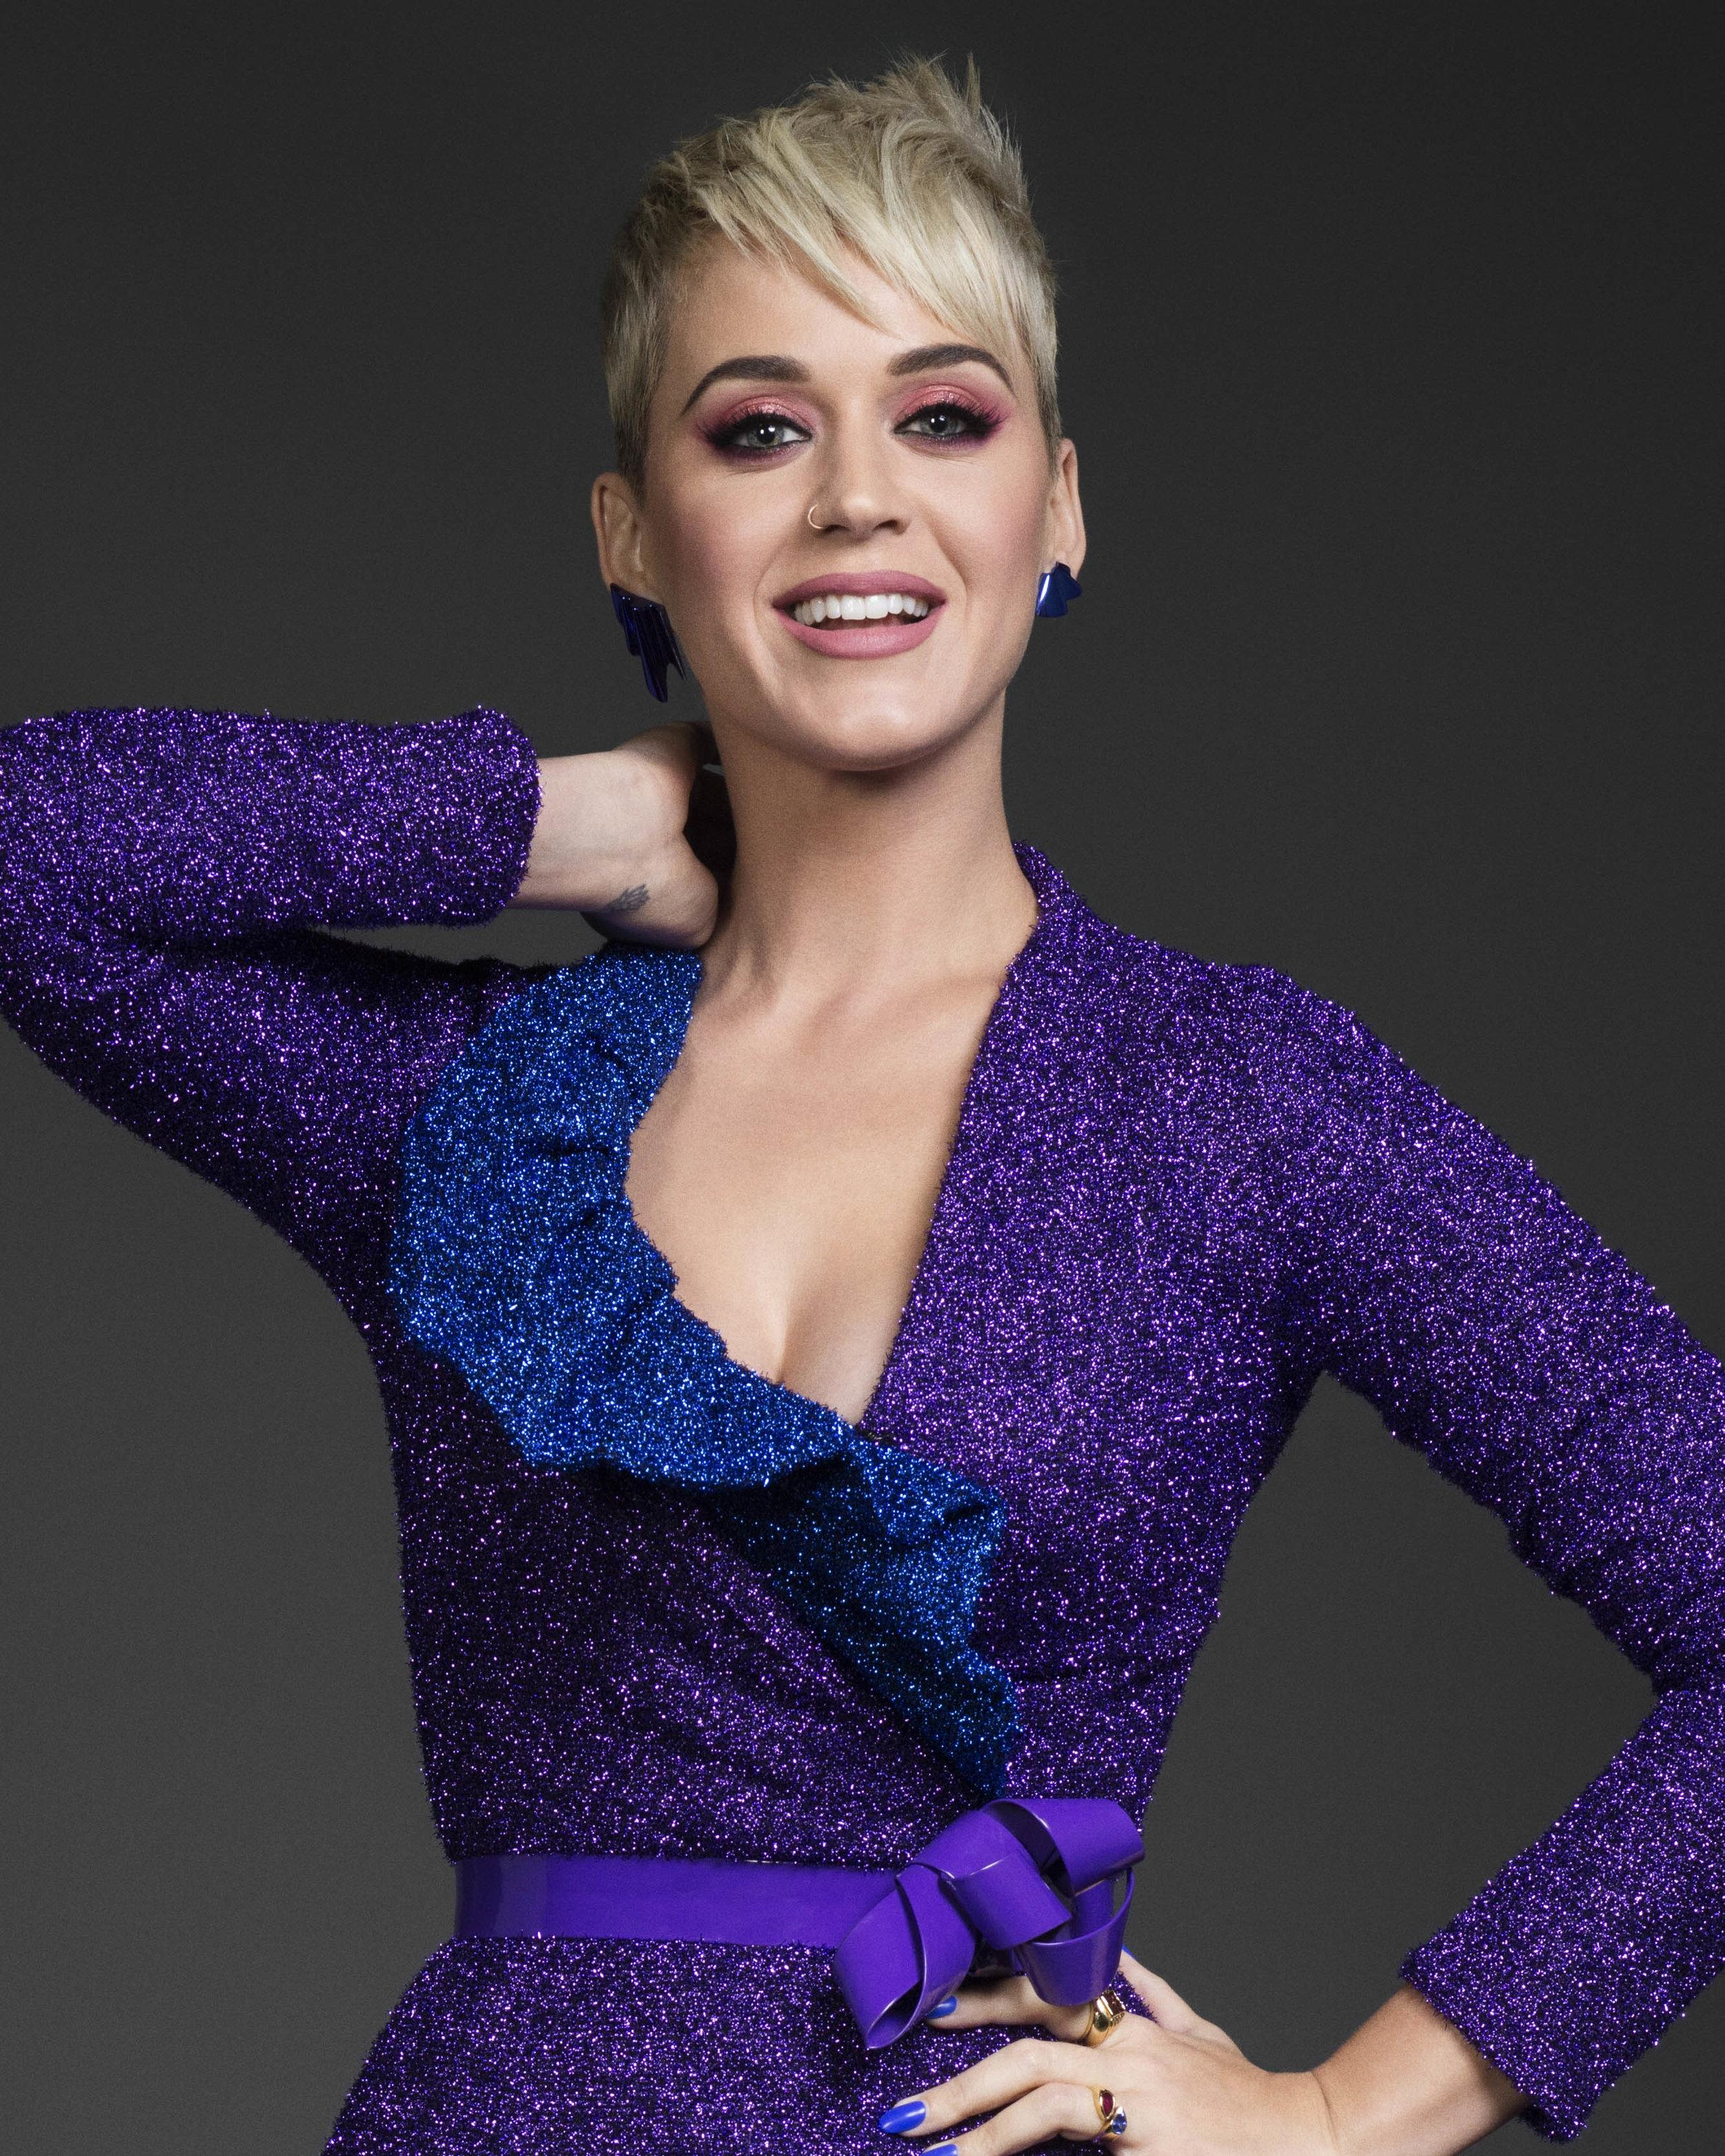 CROP_Katy Perry12683-R1.jpg